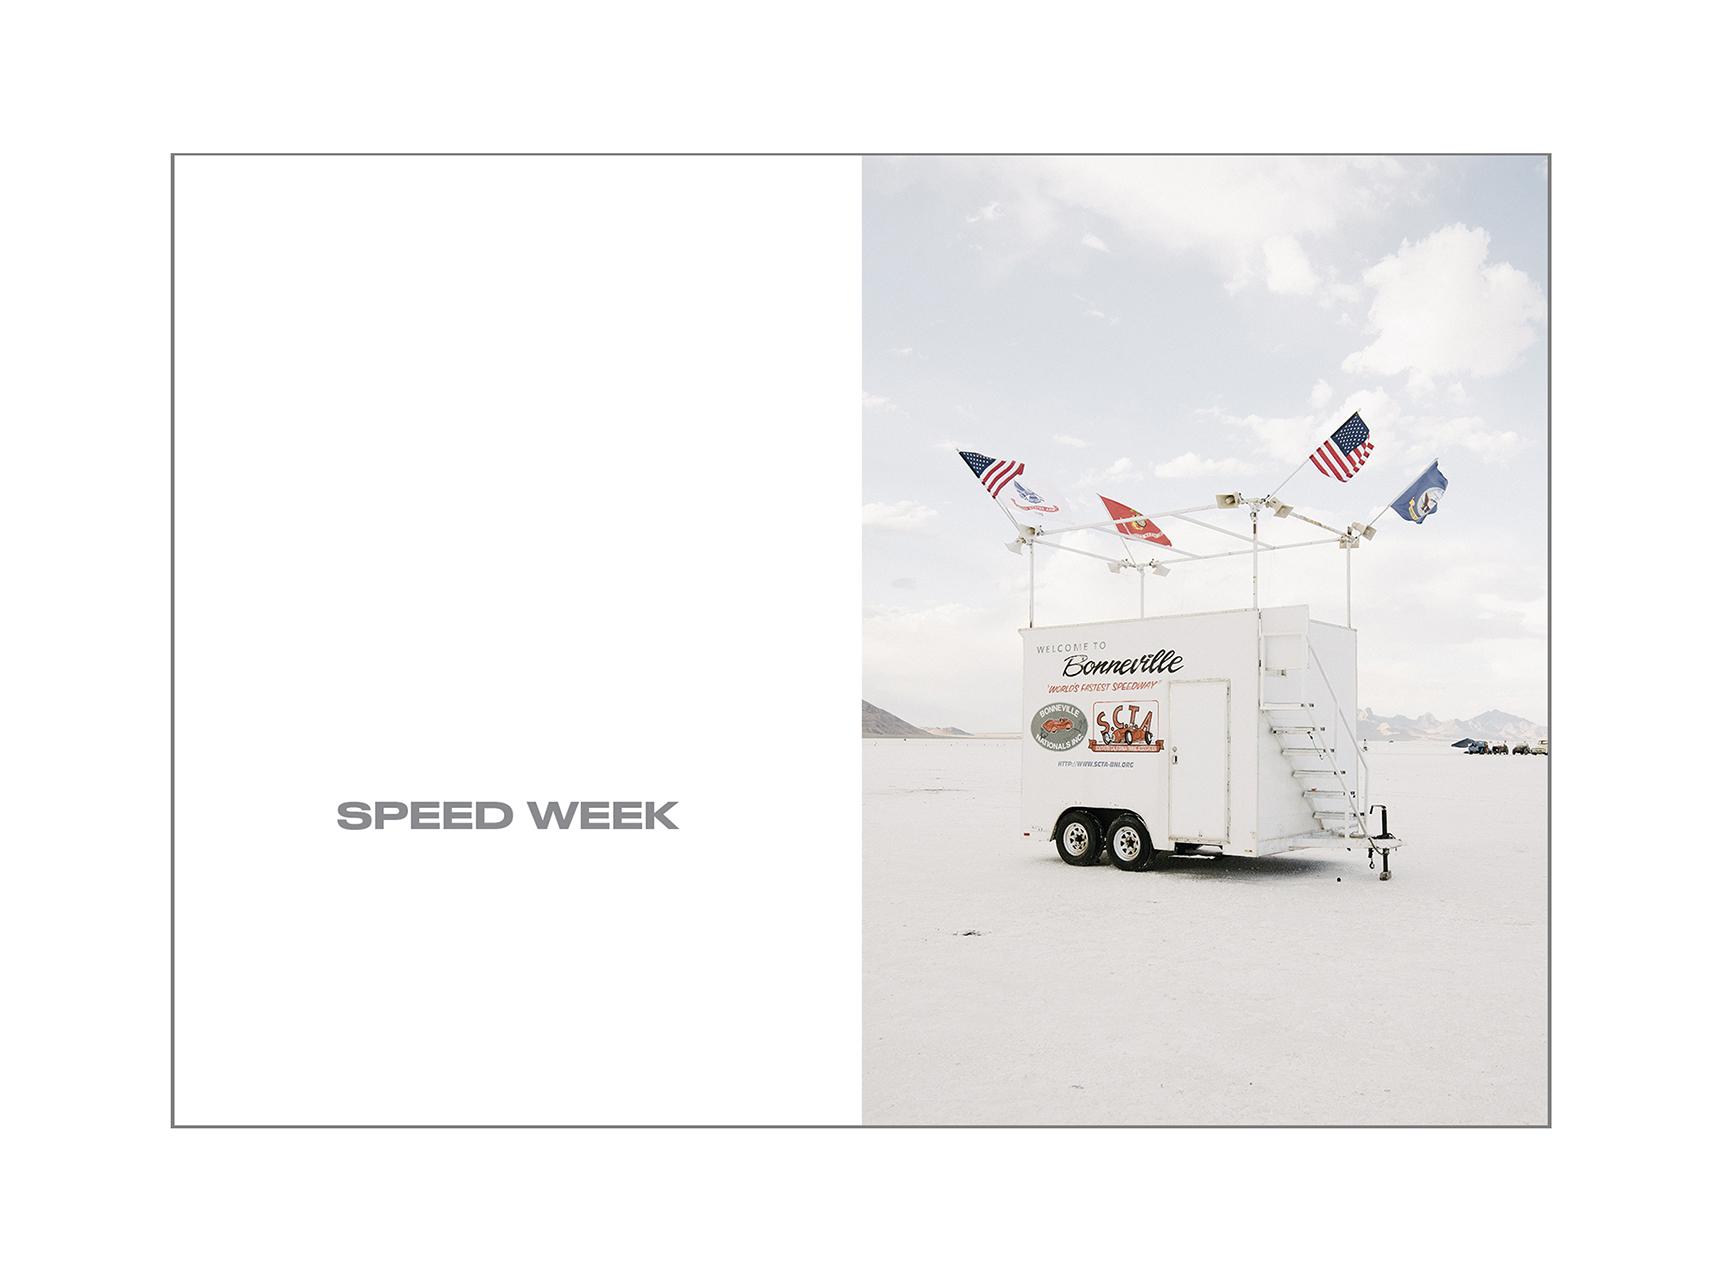 speedweek_05.jpg